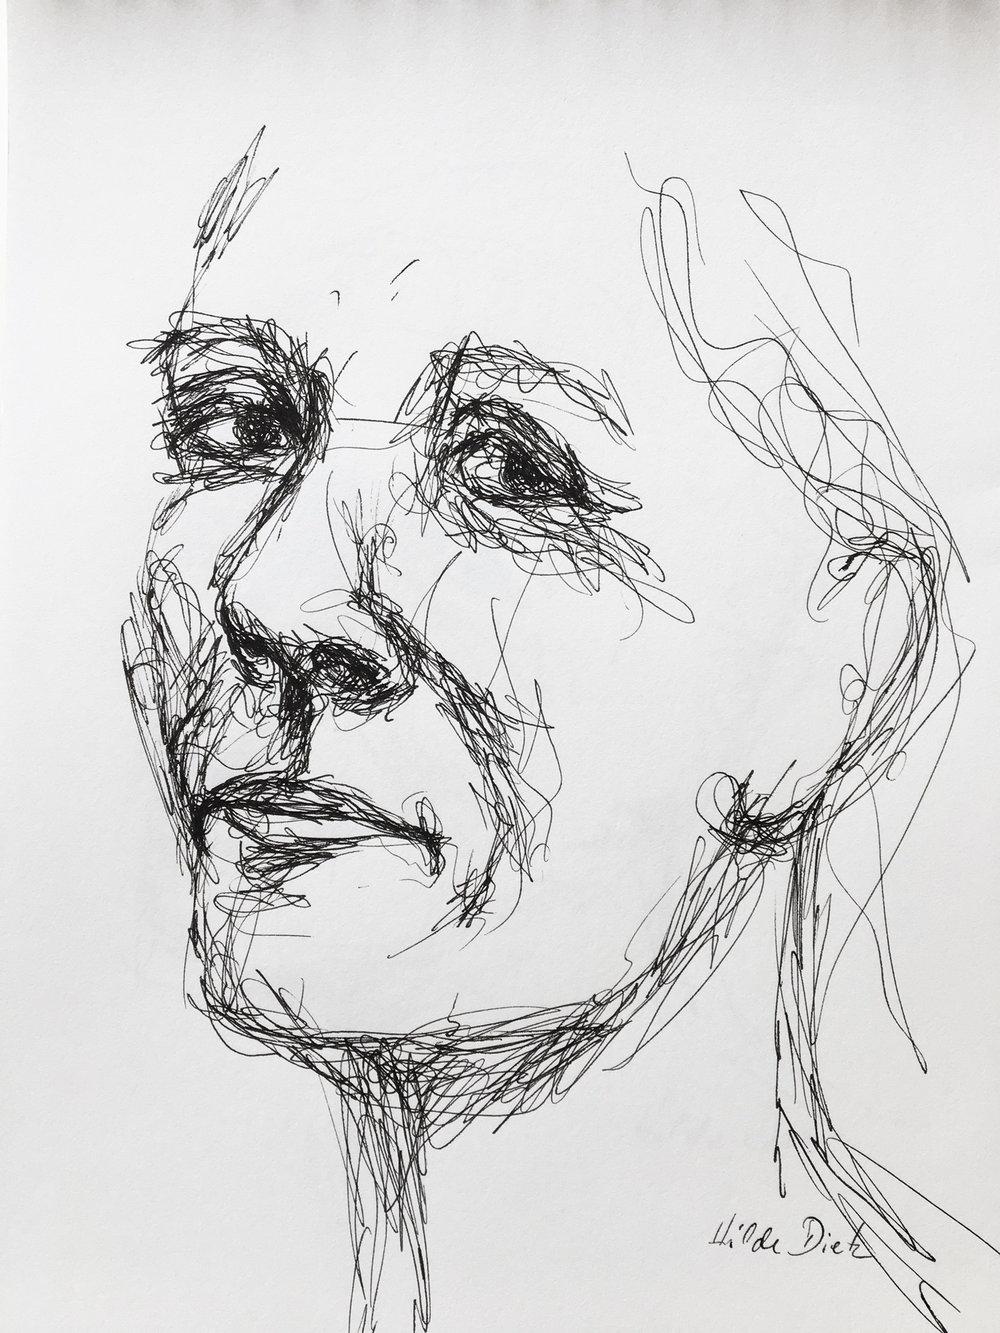 Hilde_Dietz_Menschenbilder_Zeichnung_Skizzen_2_06.jpg